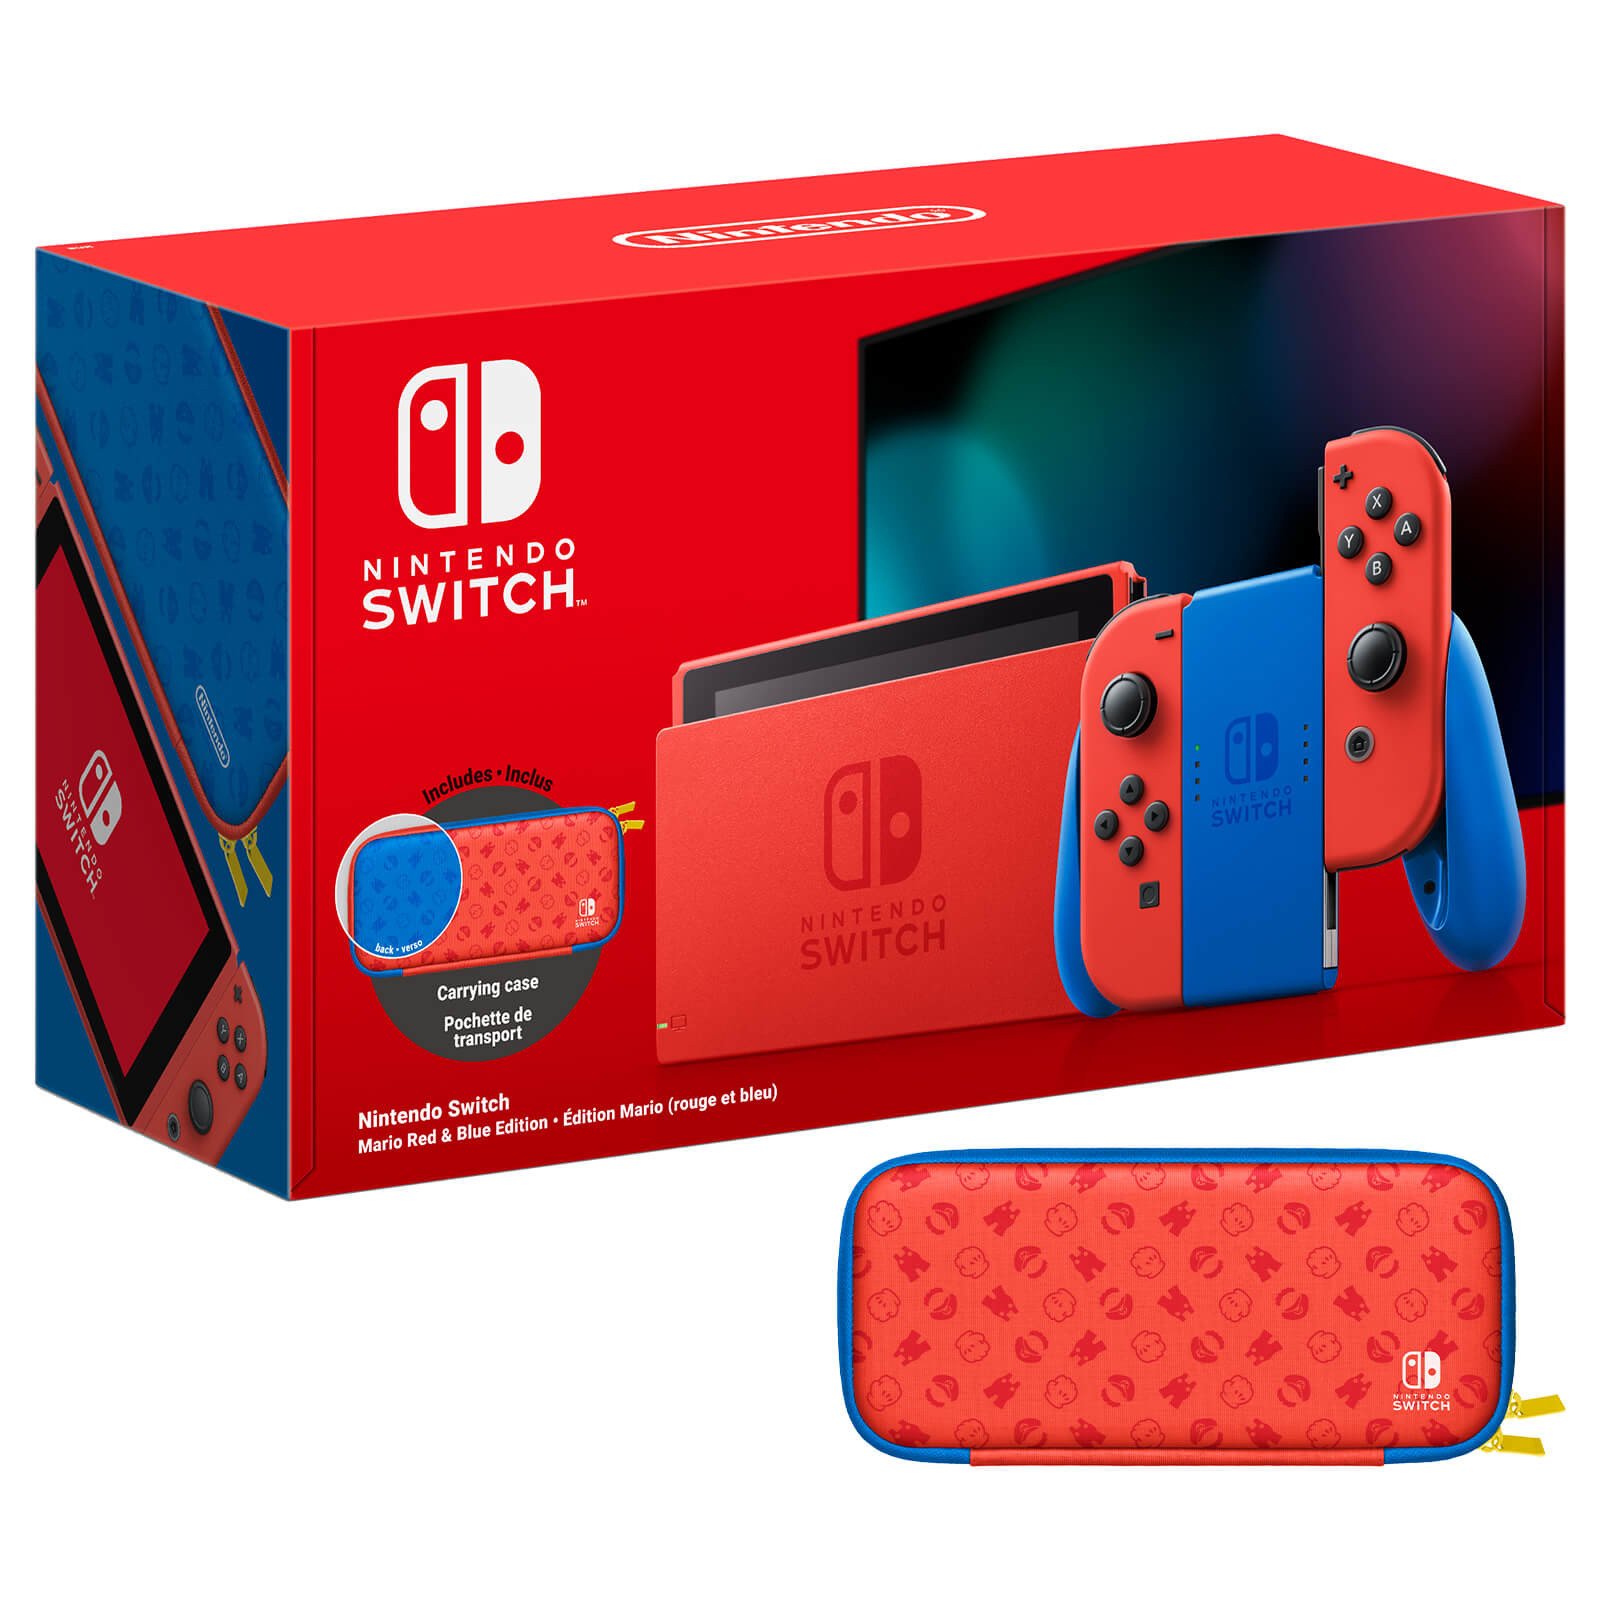 Máy Chơi Game Nintendo Switch Mario Red & Blue Edition - Nhập Khẩu